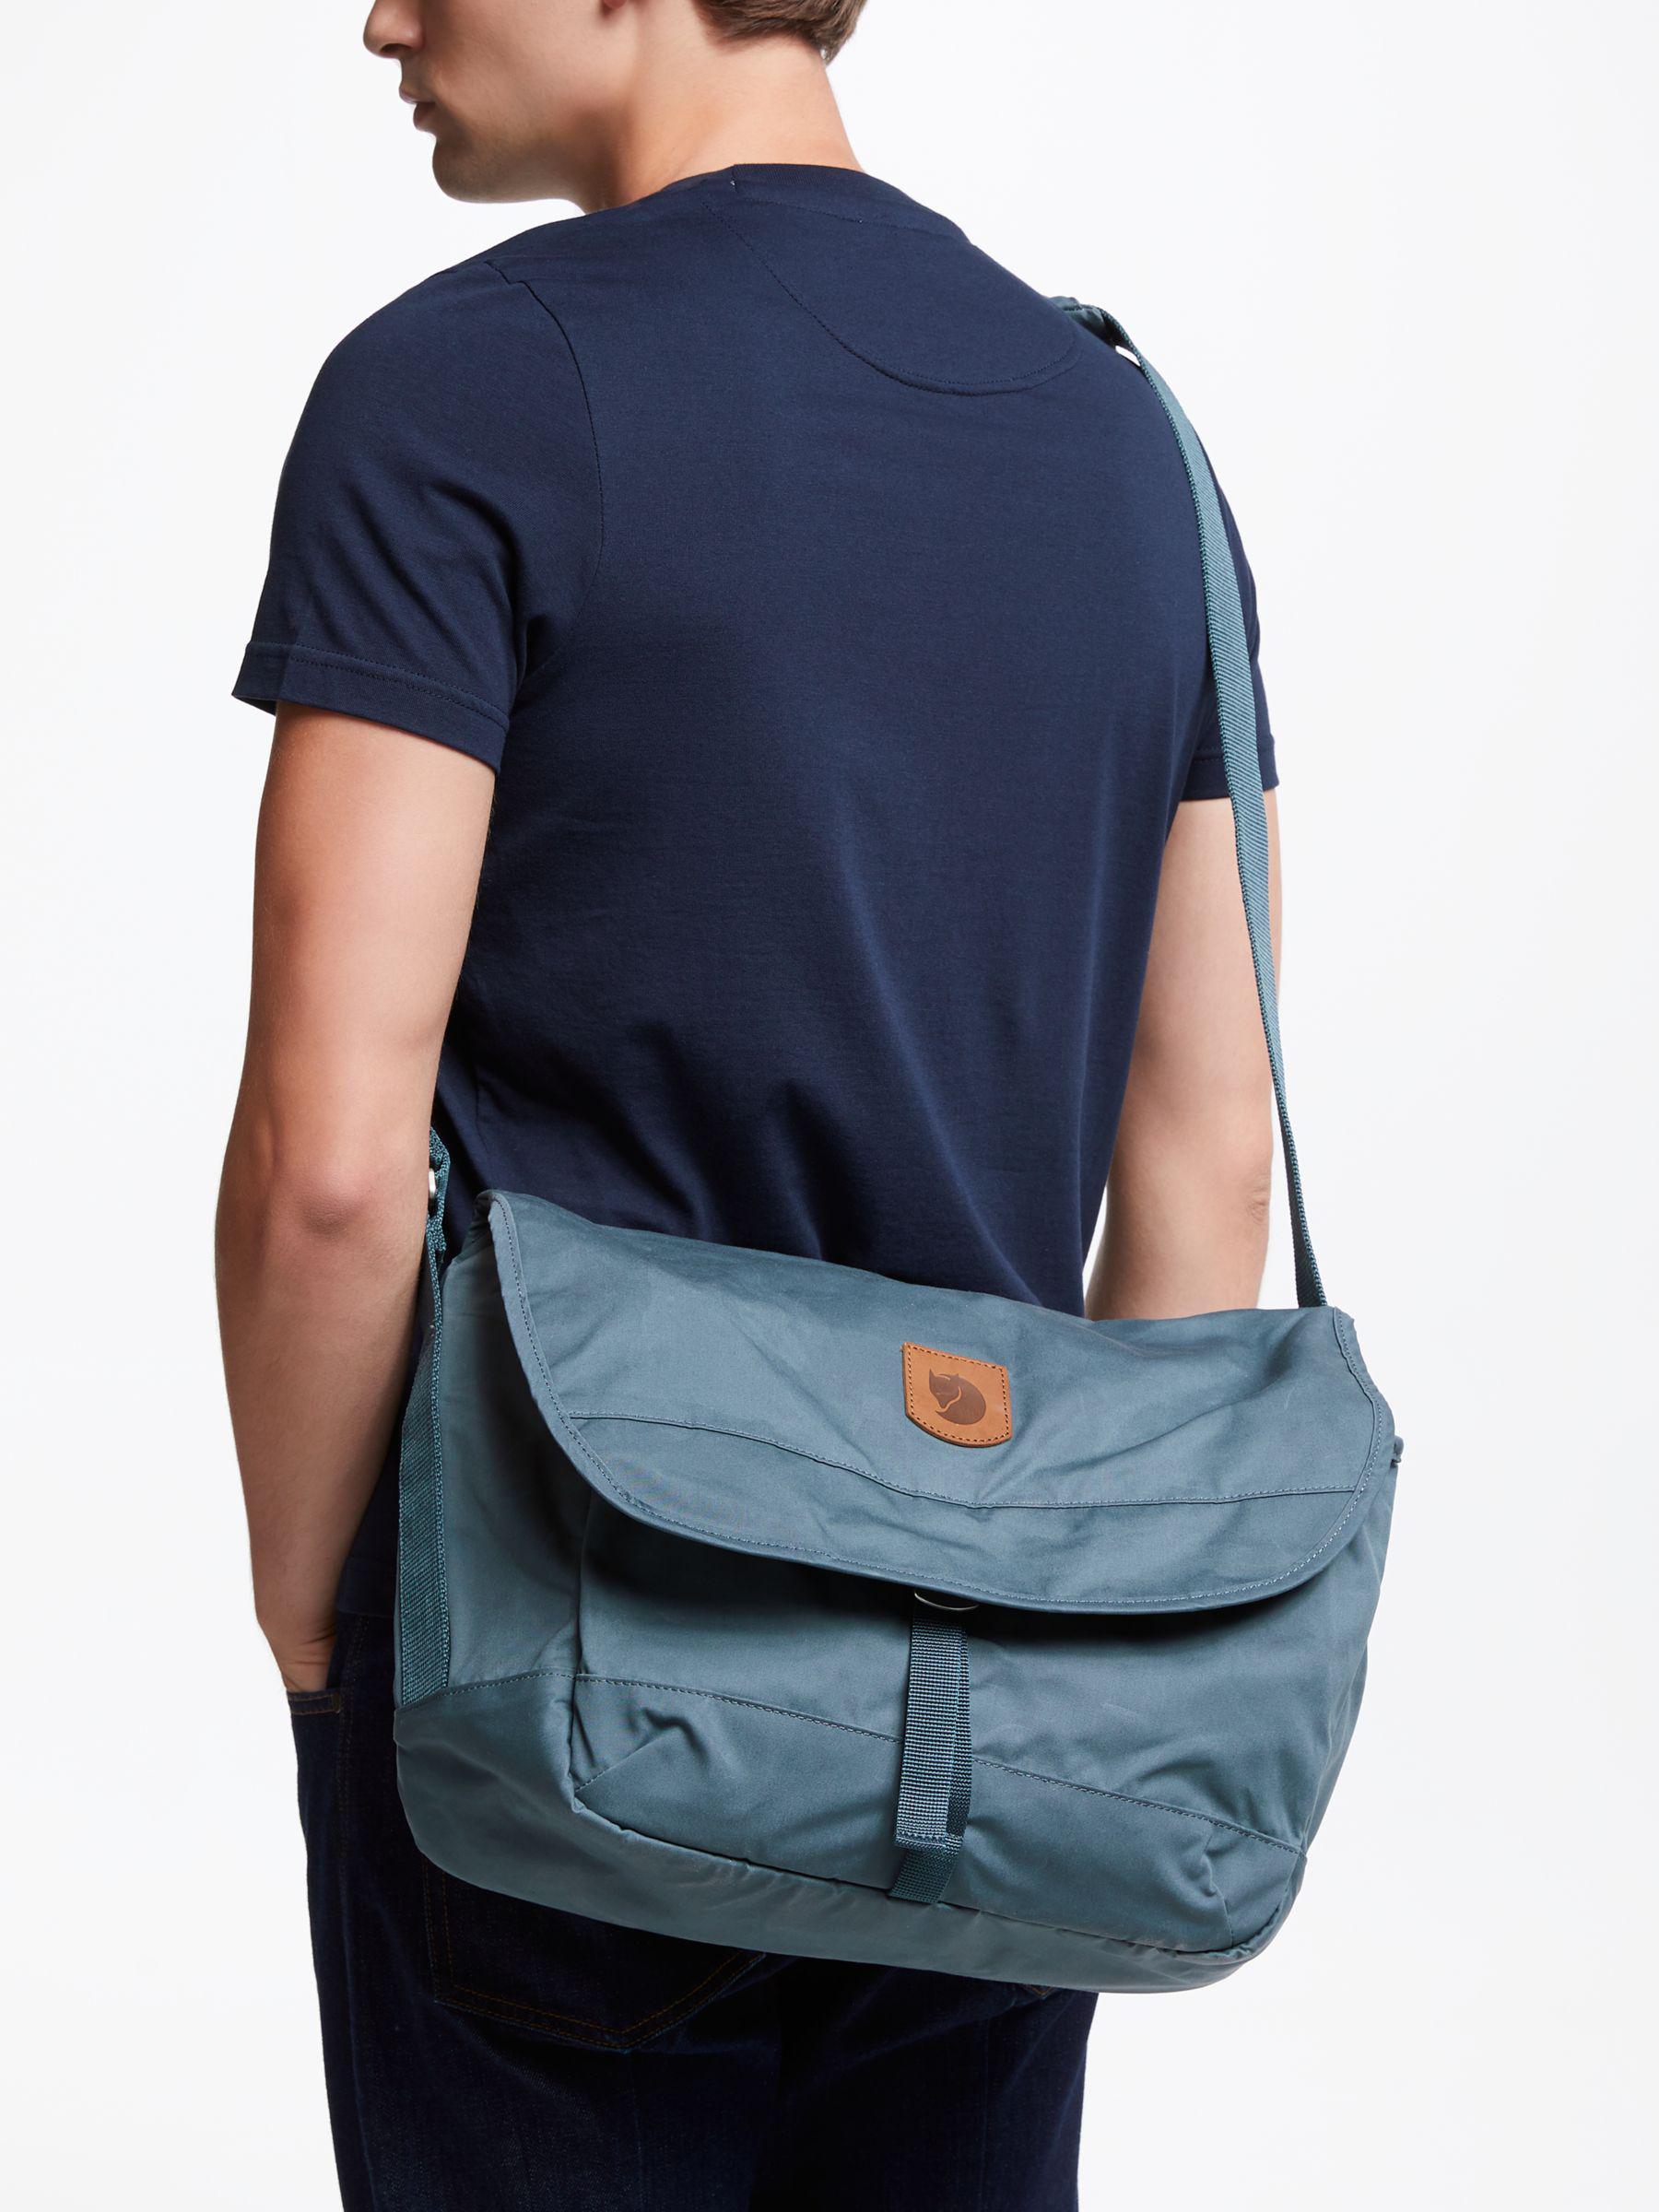 billiger Verkauf Sonderpreis für wie man serch Greenland Messenger Bag